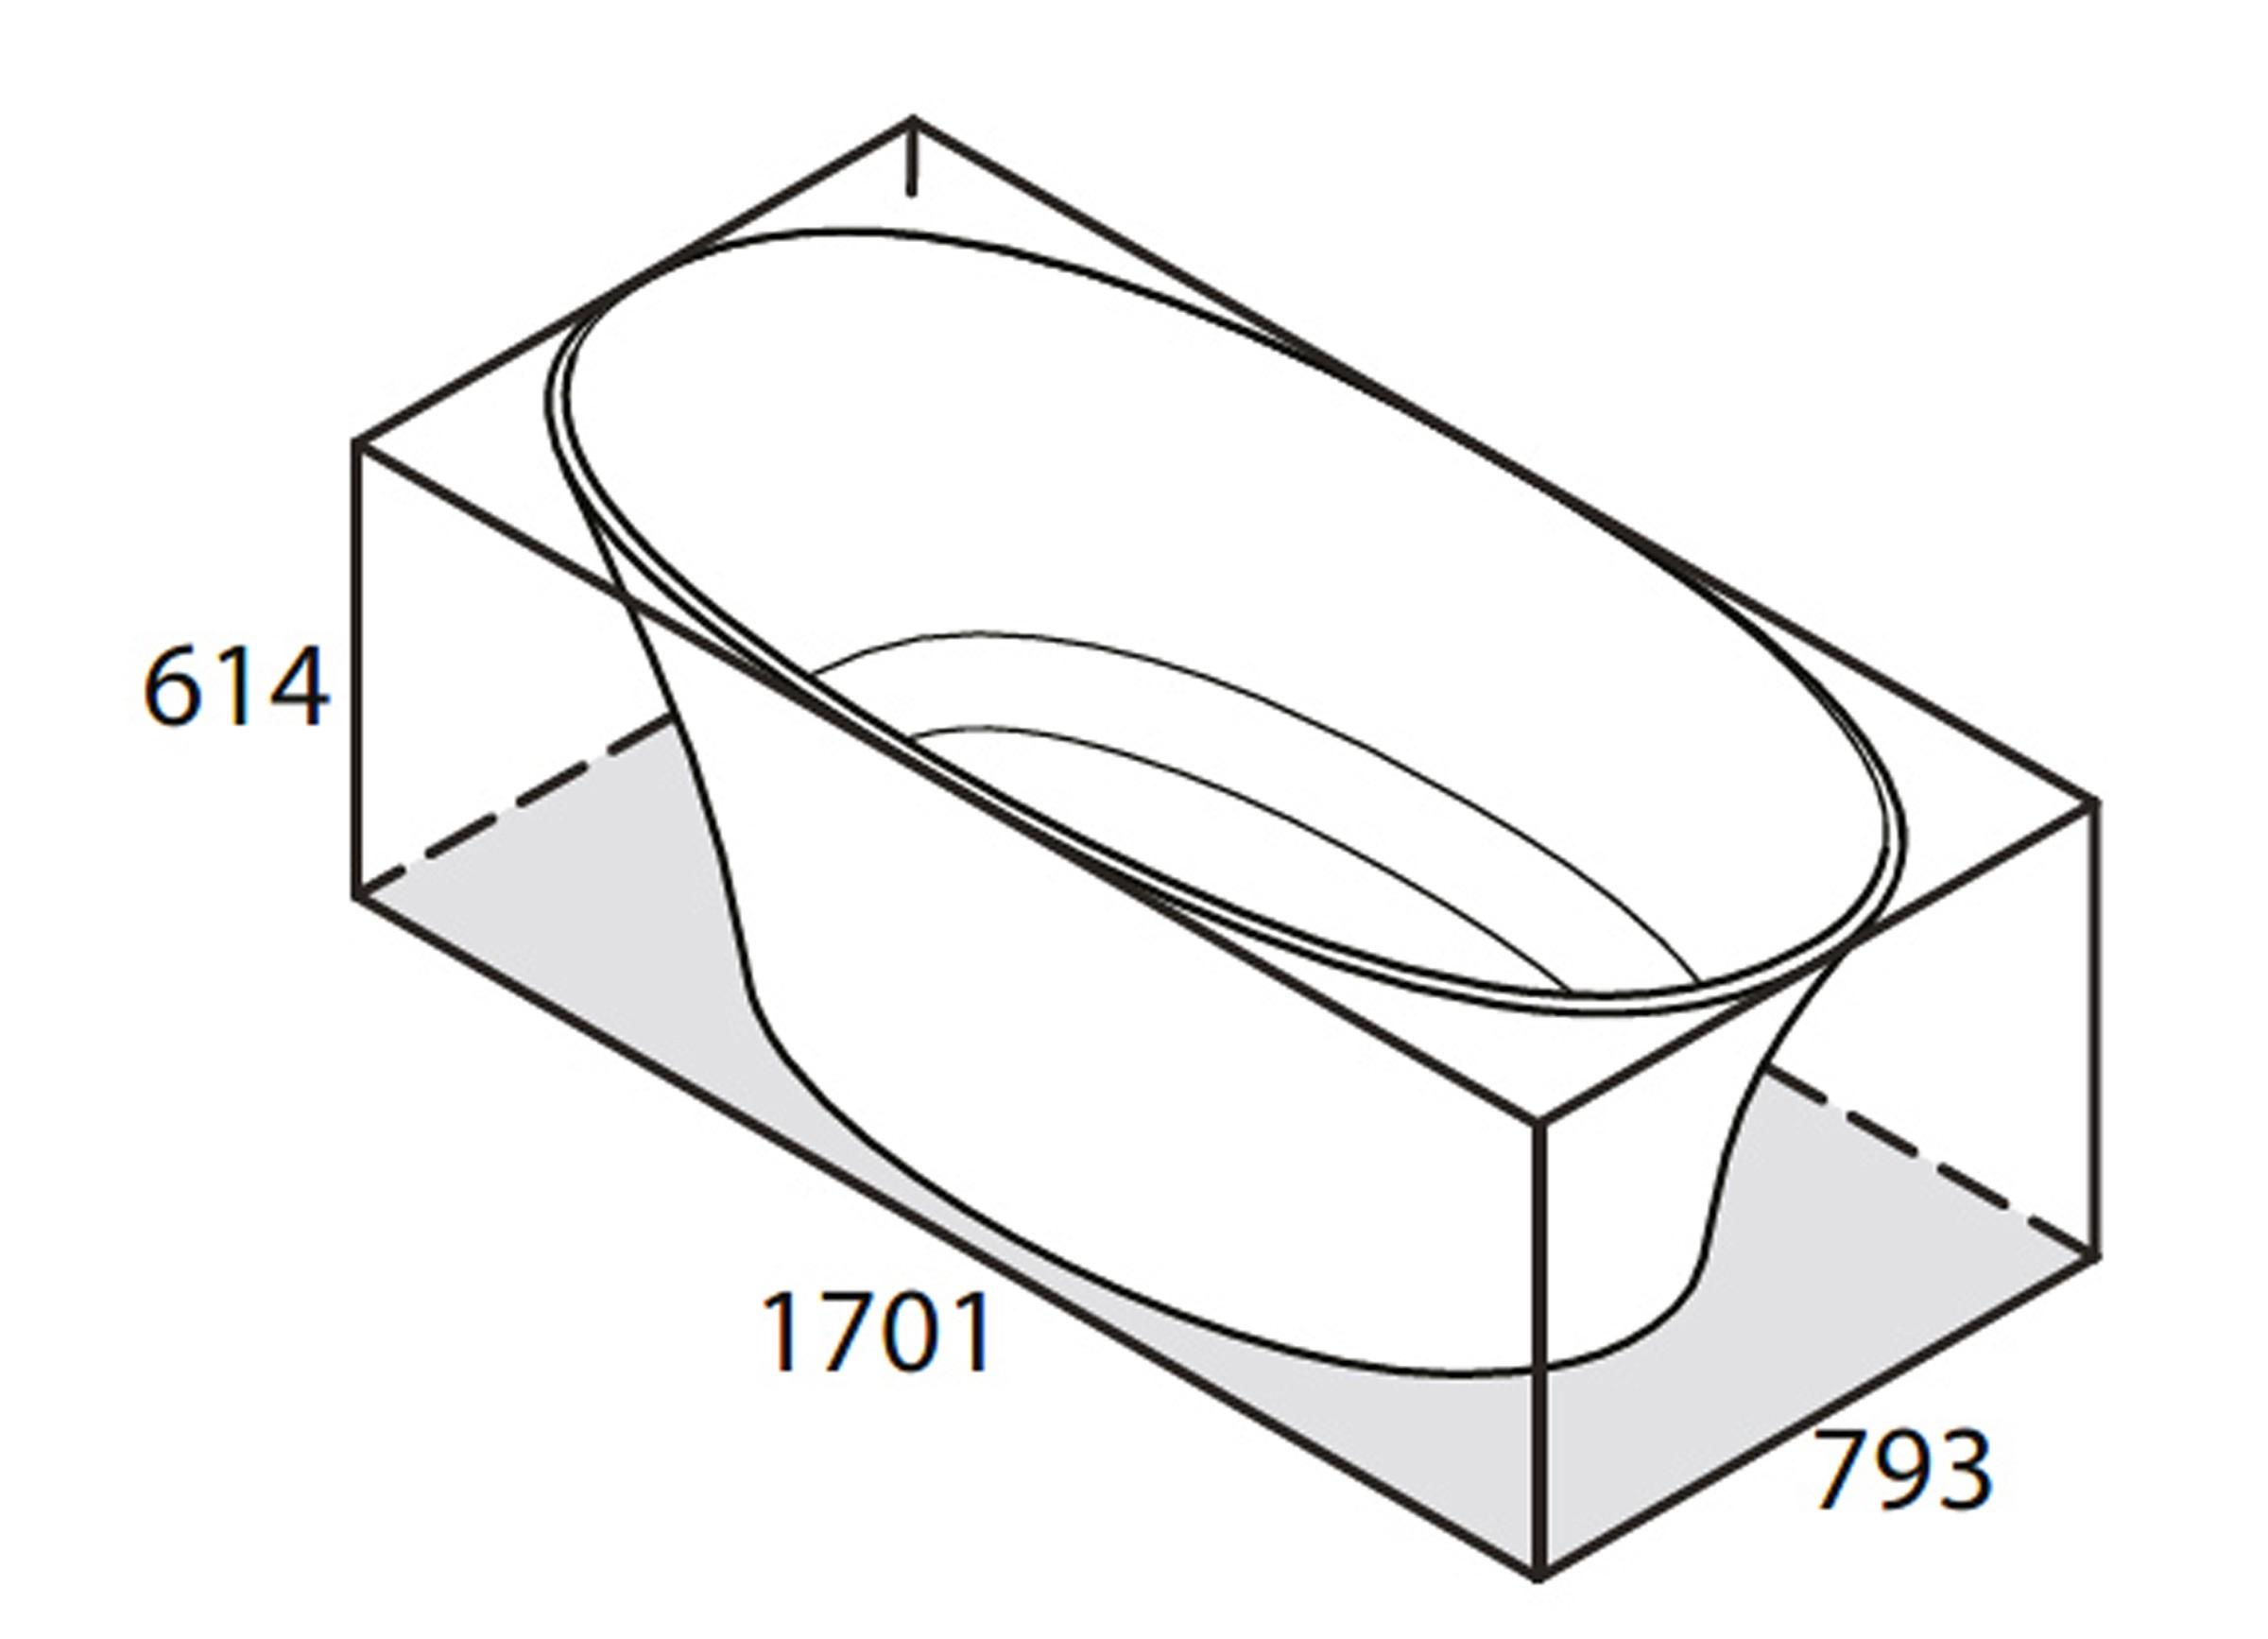 Badewanne Schwarz Kaufen: Badewanne mit duschabtrennung qwanji.com ... | {Freistehende badewanne maße 61}